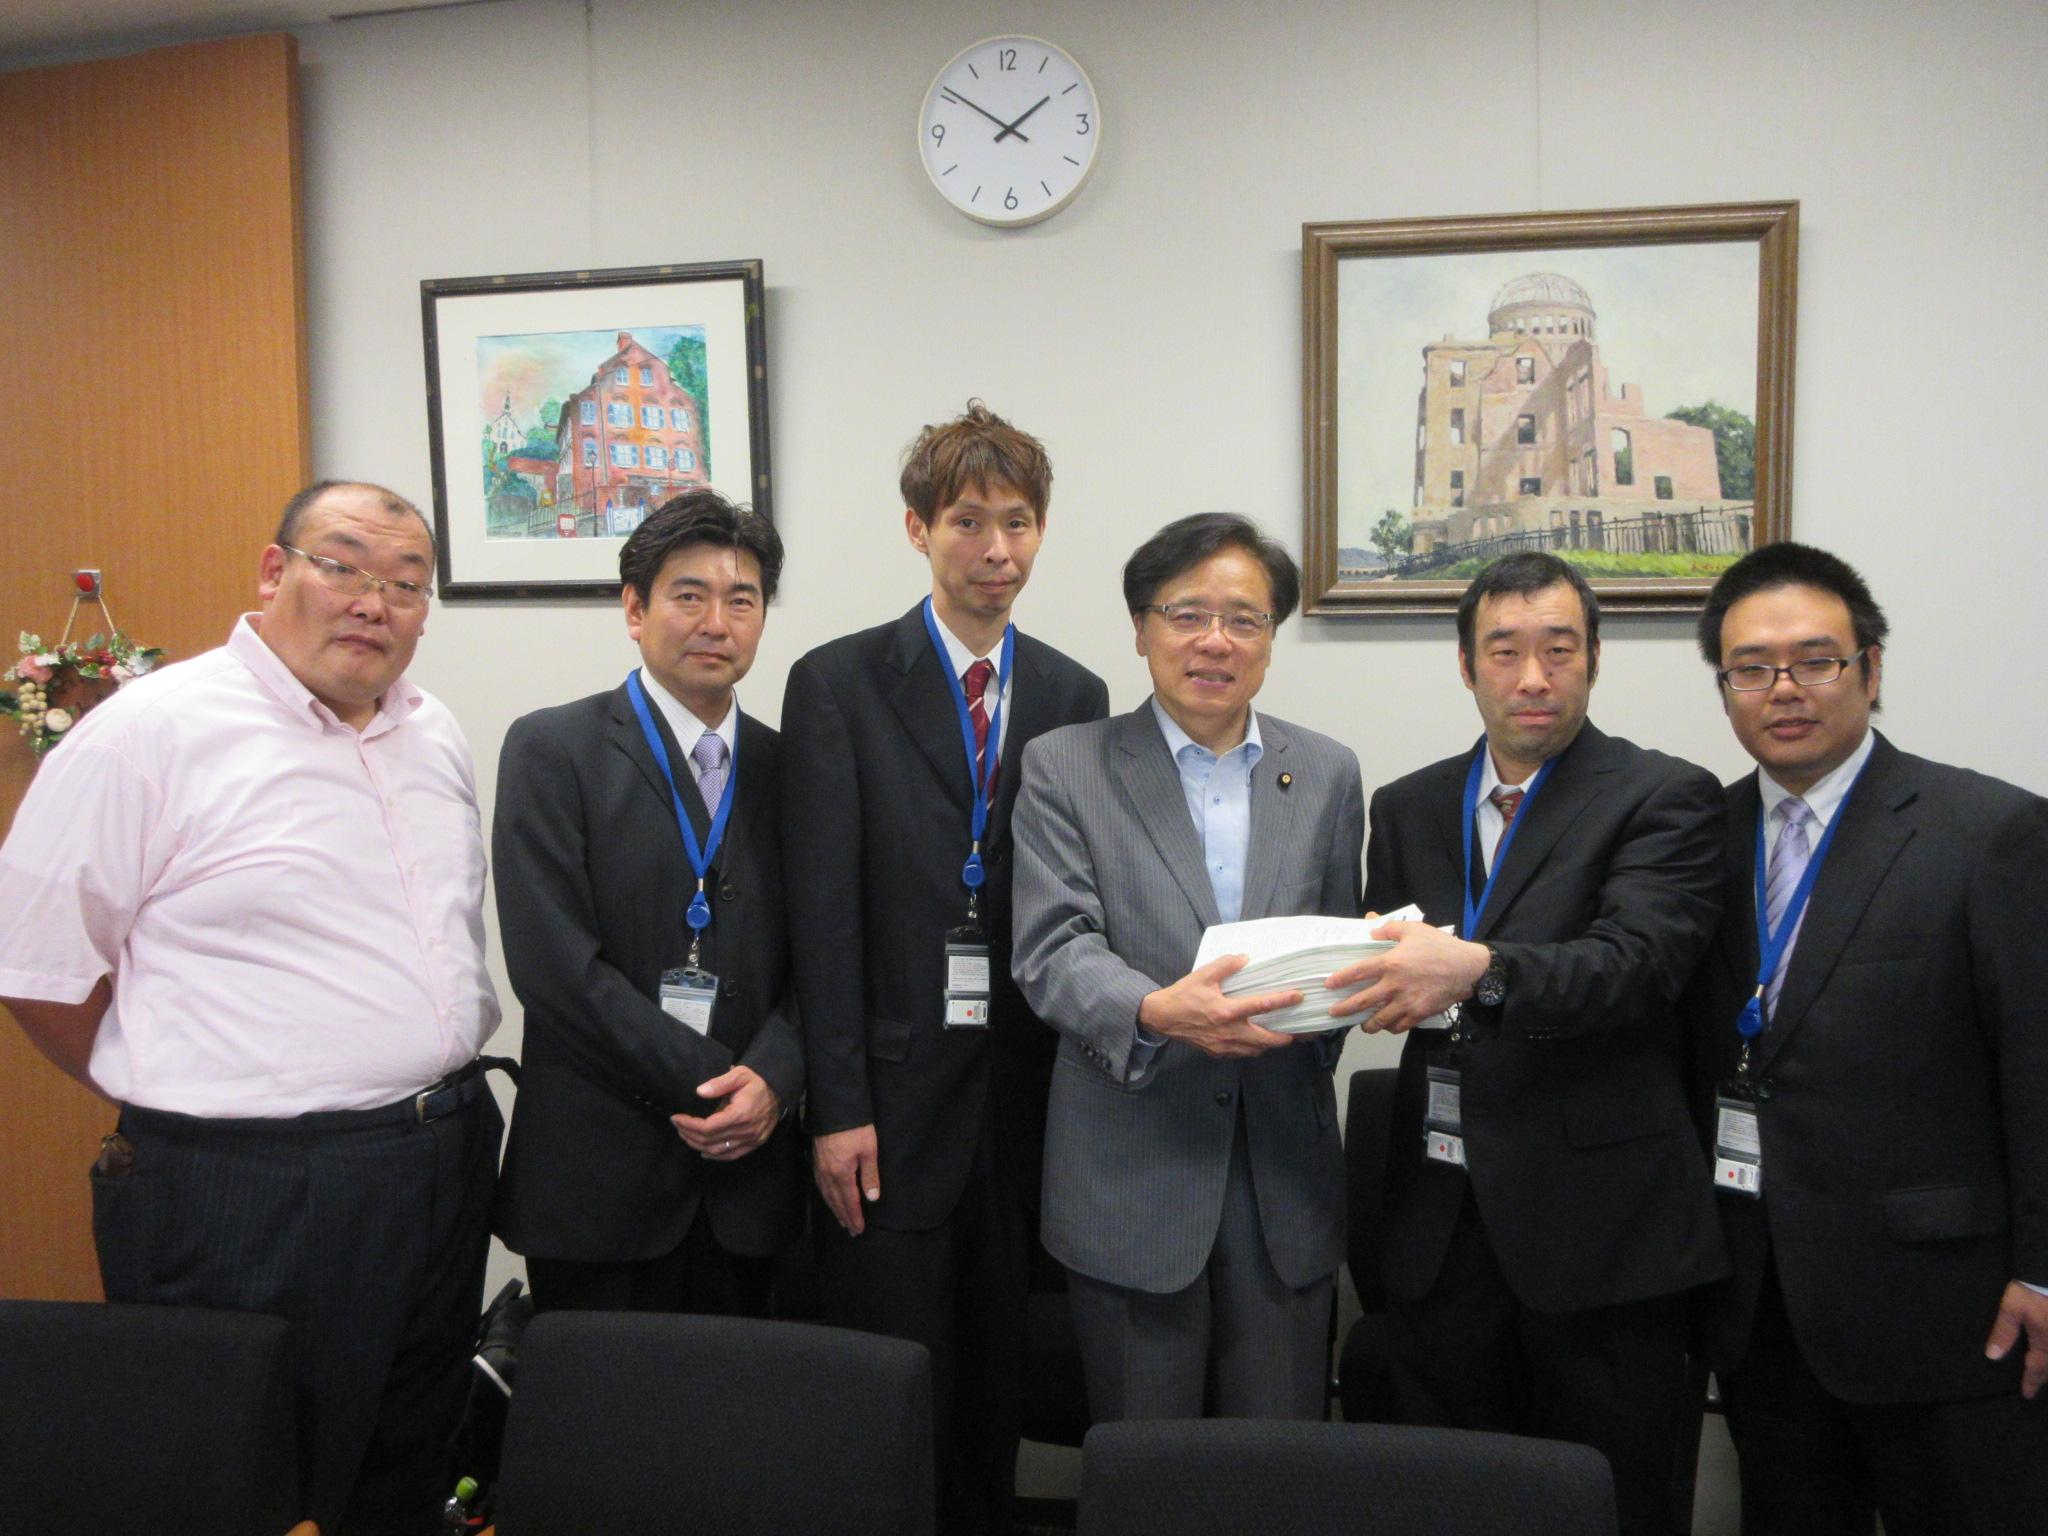 http://www.inoue-satoshi.com/diary/IMG_5030.JPG